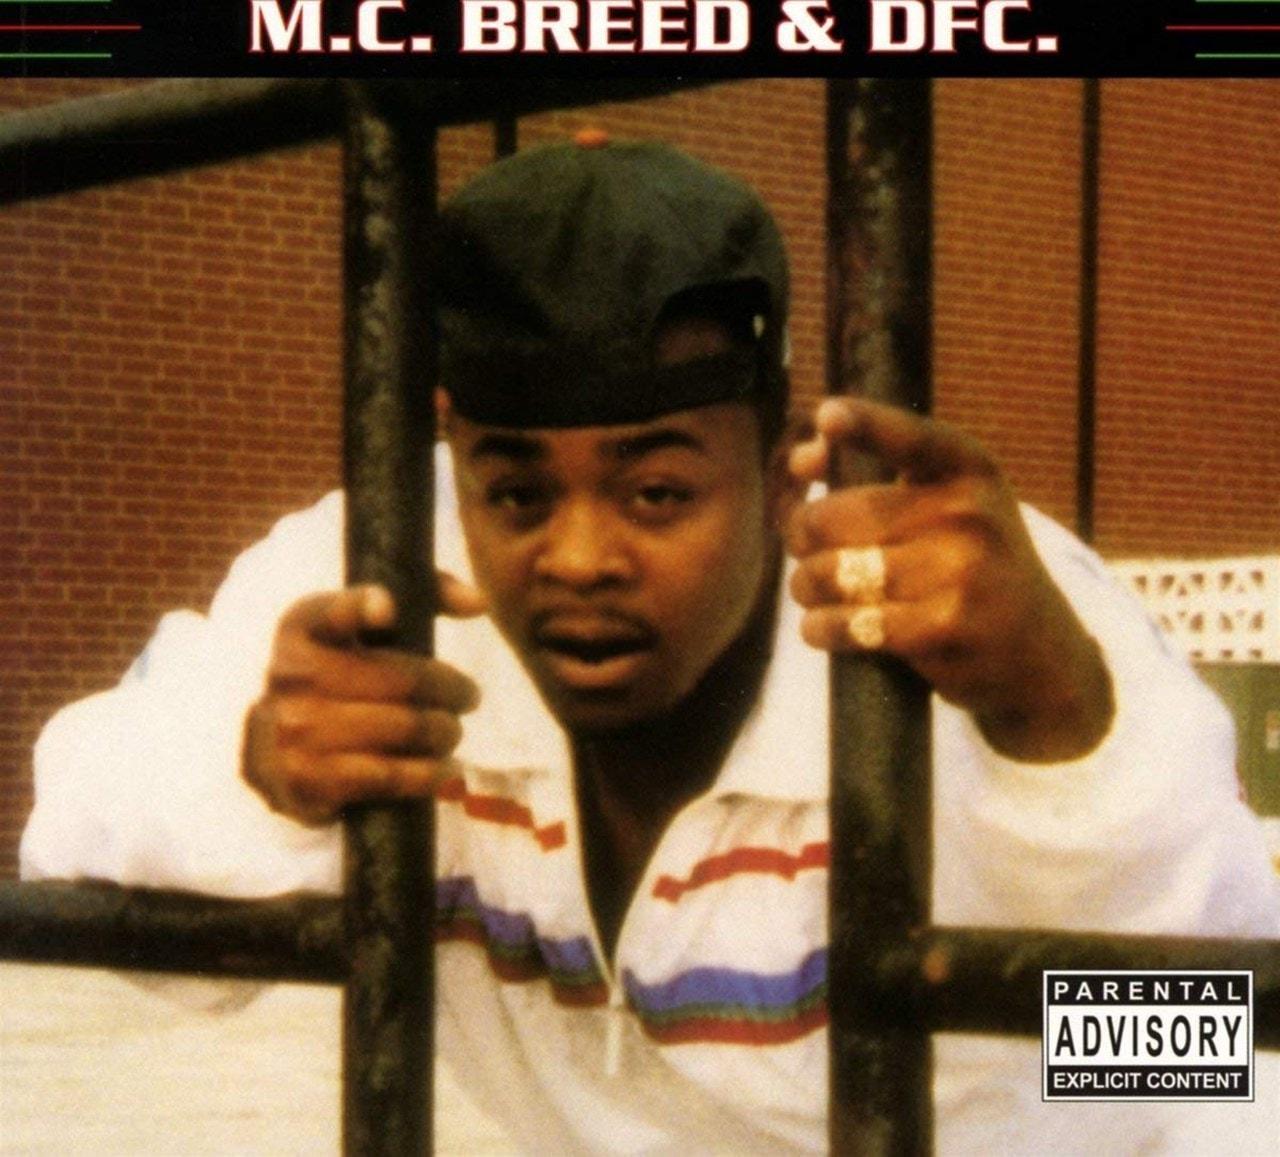 M.C. Breed & DFC - 1